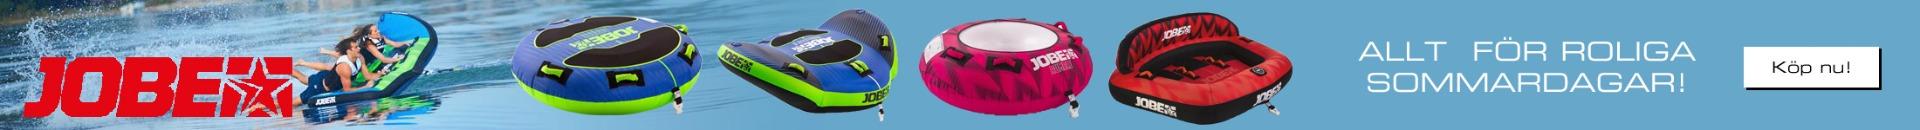 Modshop - Jobe vattensportprodukter, åkringar, madrasser, tuber, knee boards m.m.